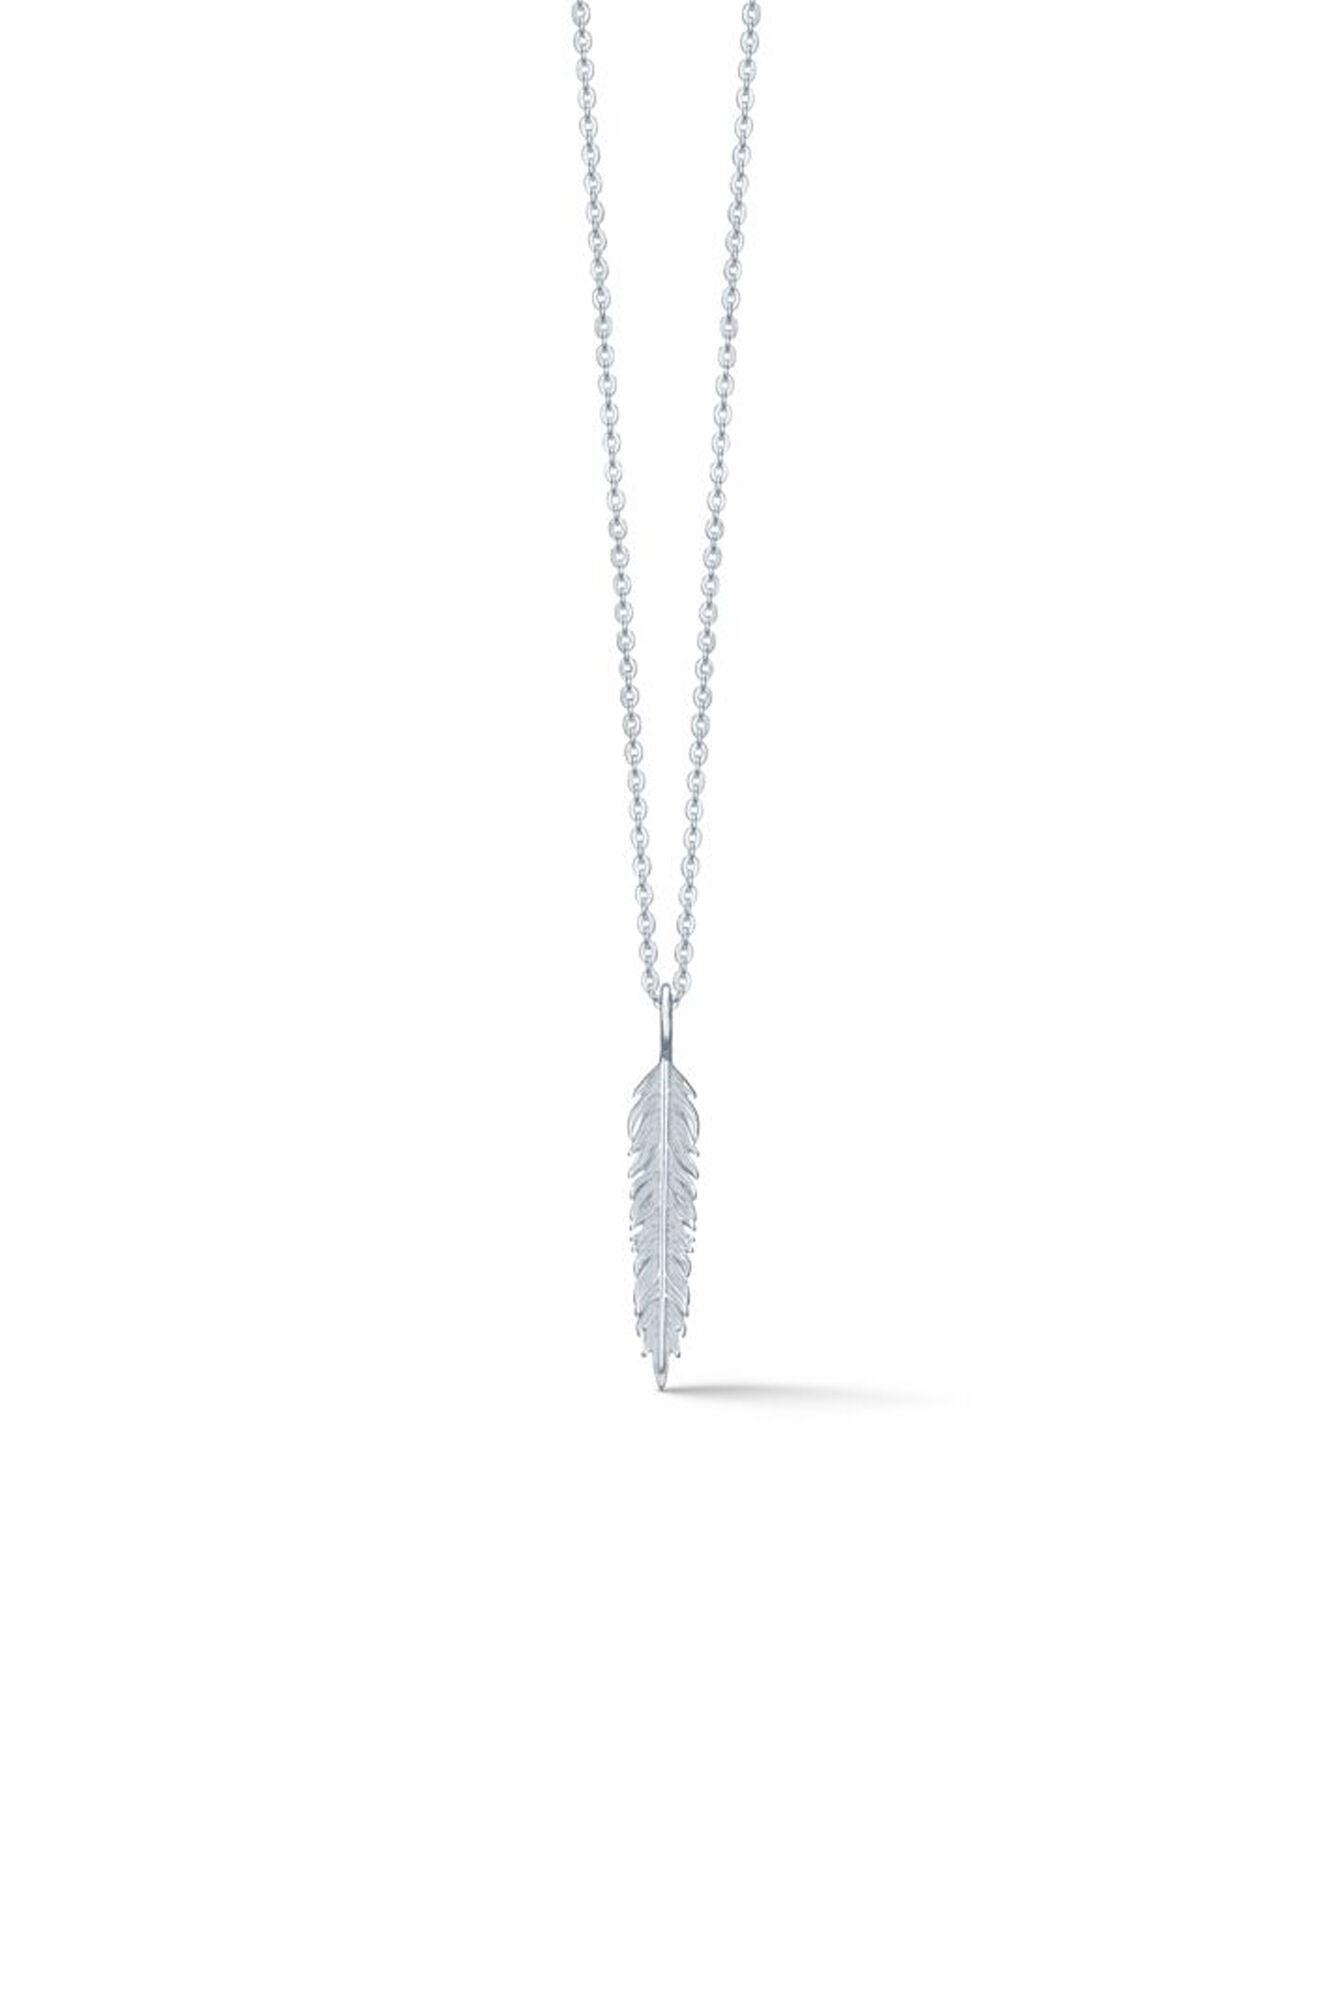 Raven necklace IDN010RH, RHODIUM